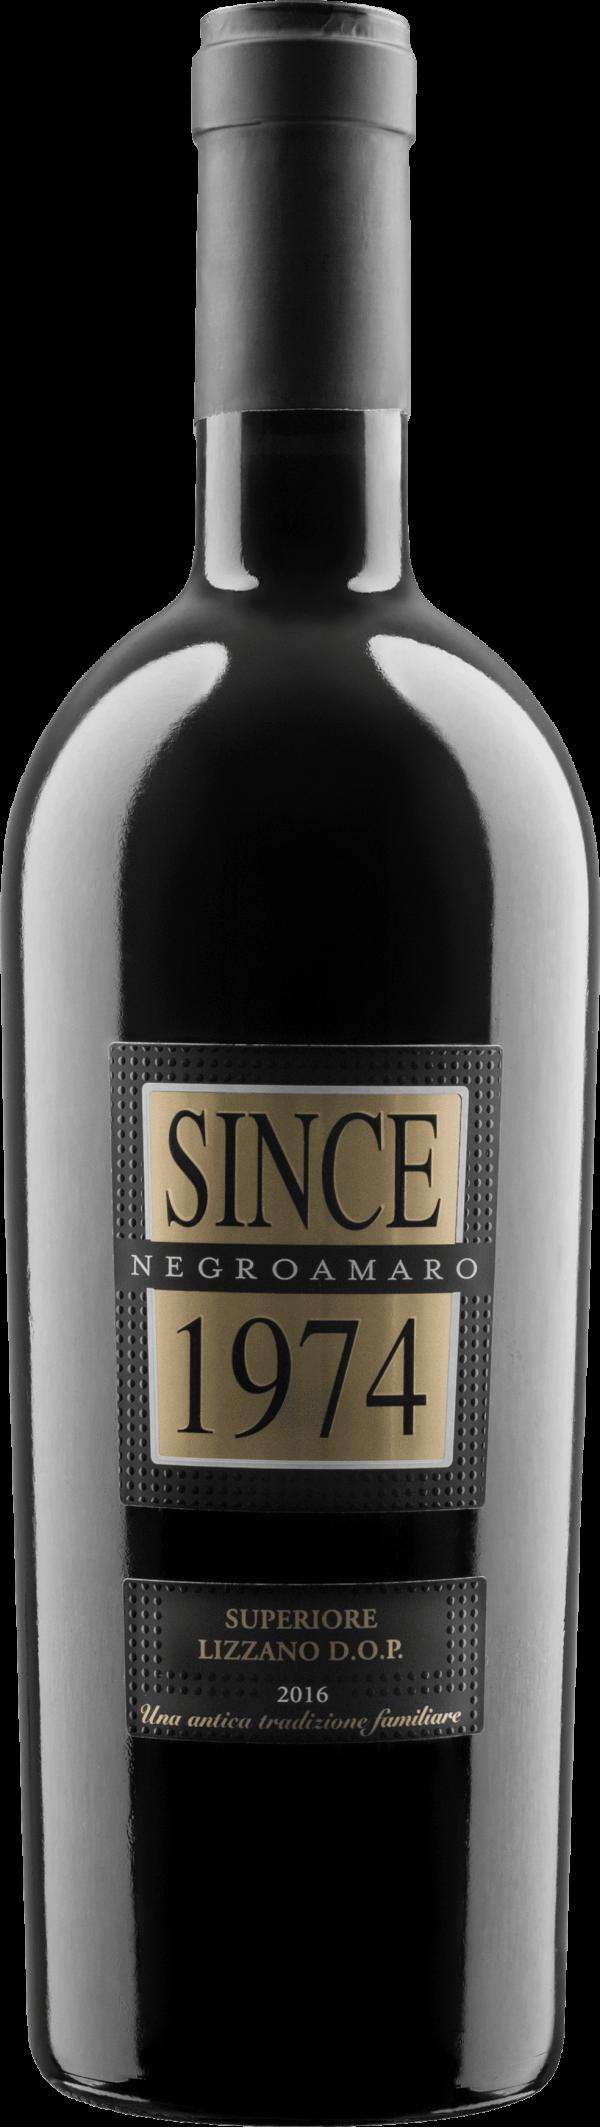 Raudonas sausas vynas SINCE 1974 Negroamaro Superiore D.O.P.